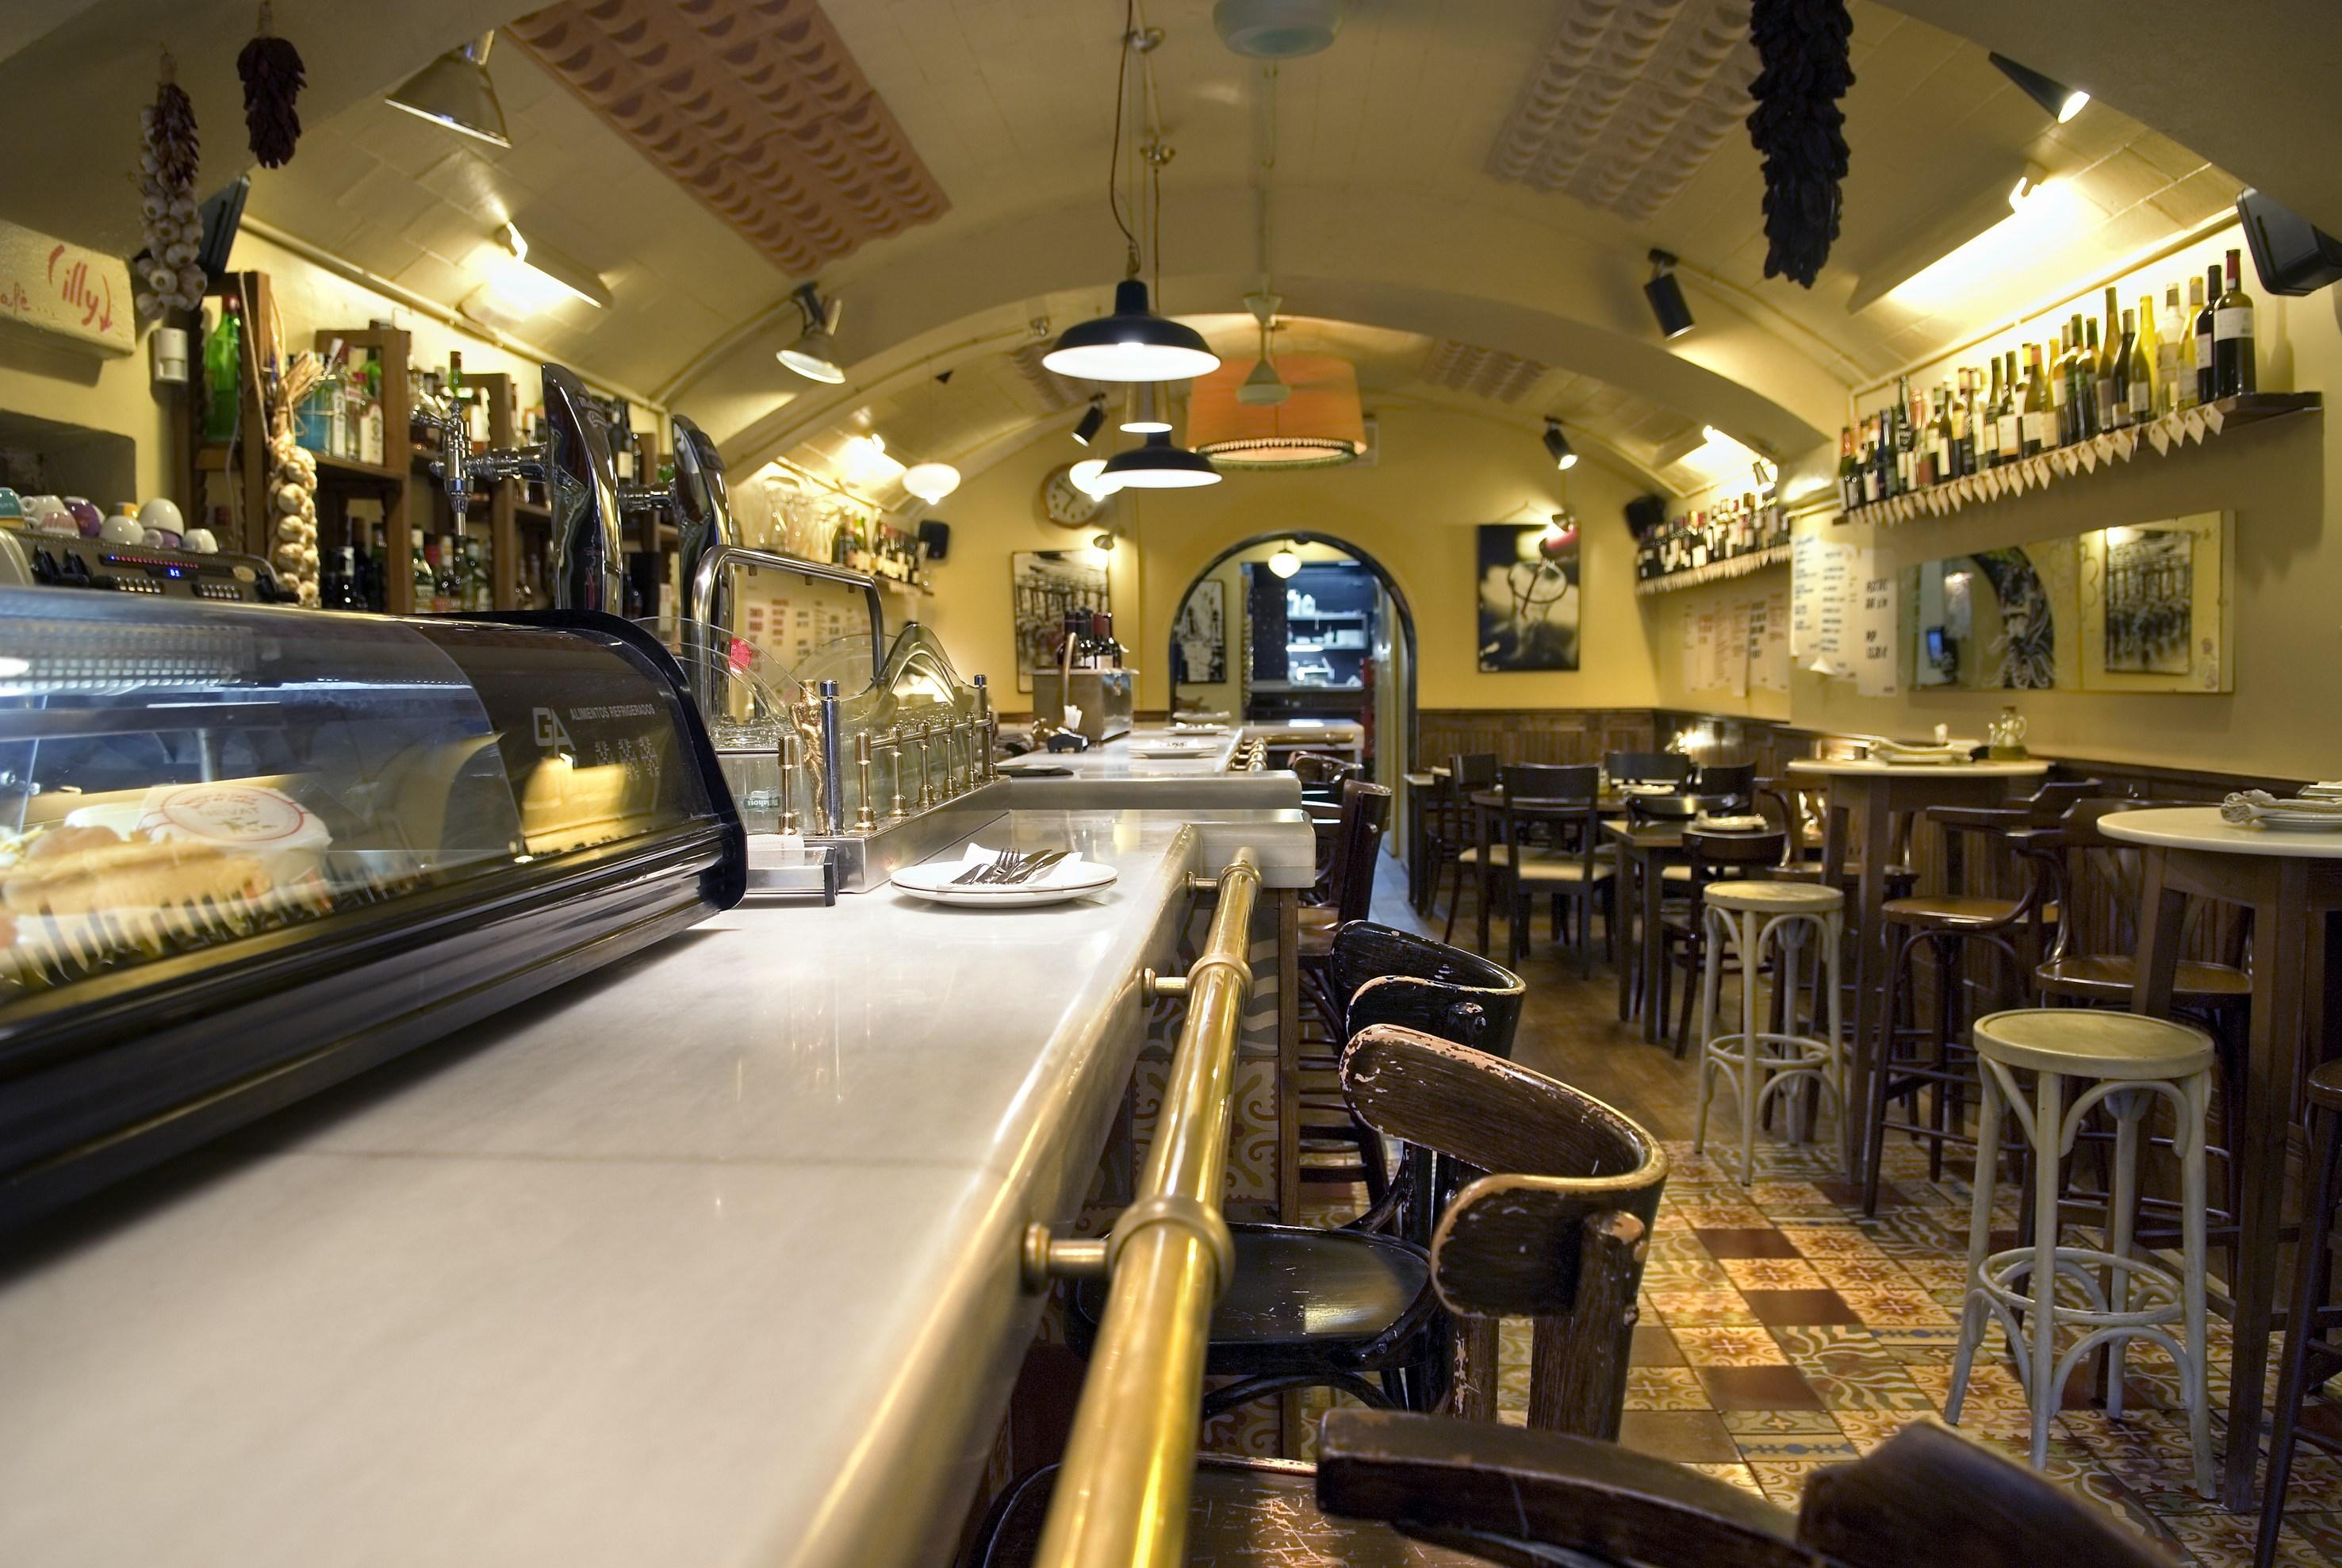 Bar del pla restaurants in sant pere santa caterina i - Interiores de restaurantes ...